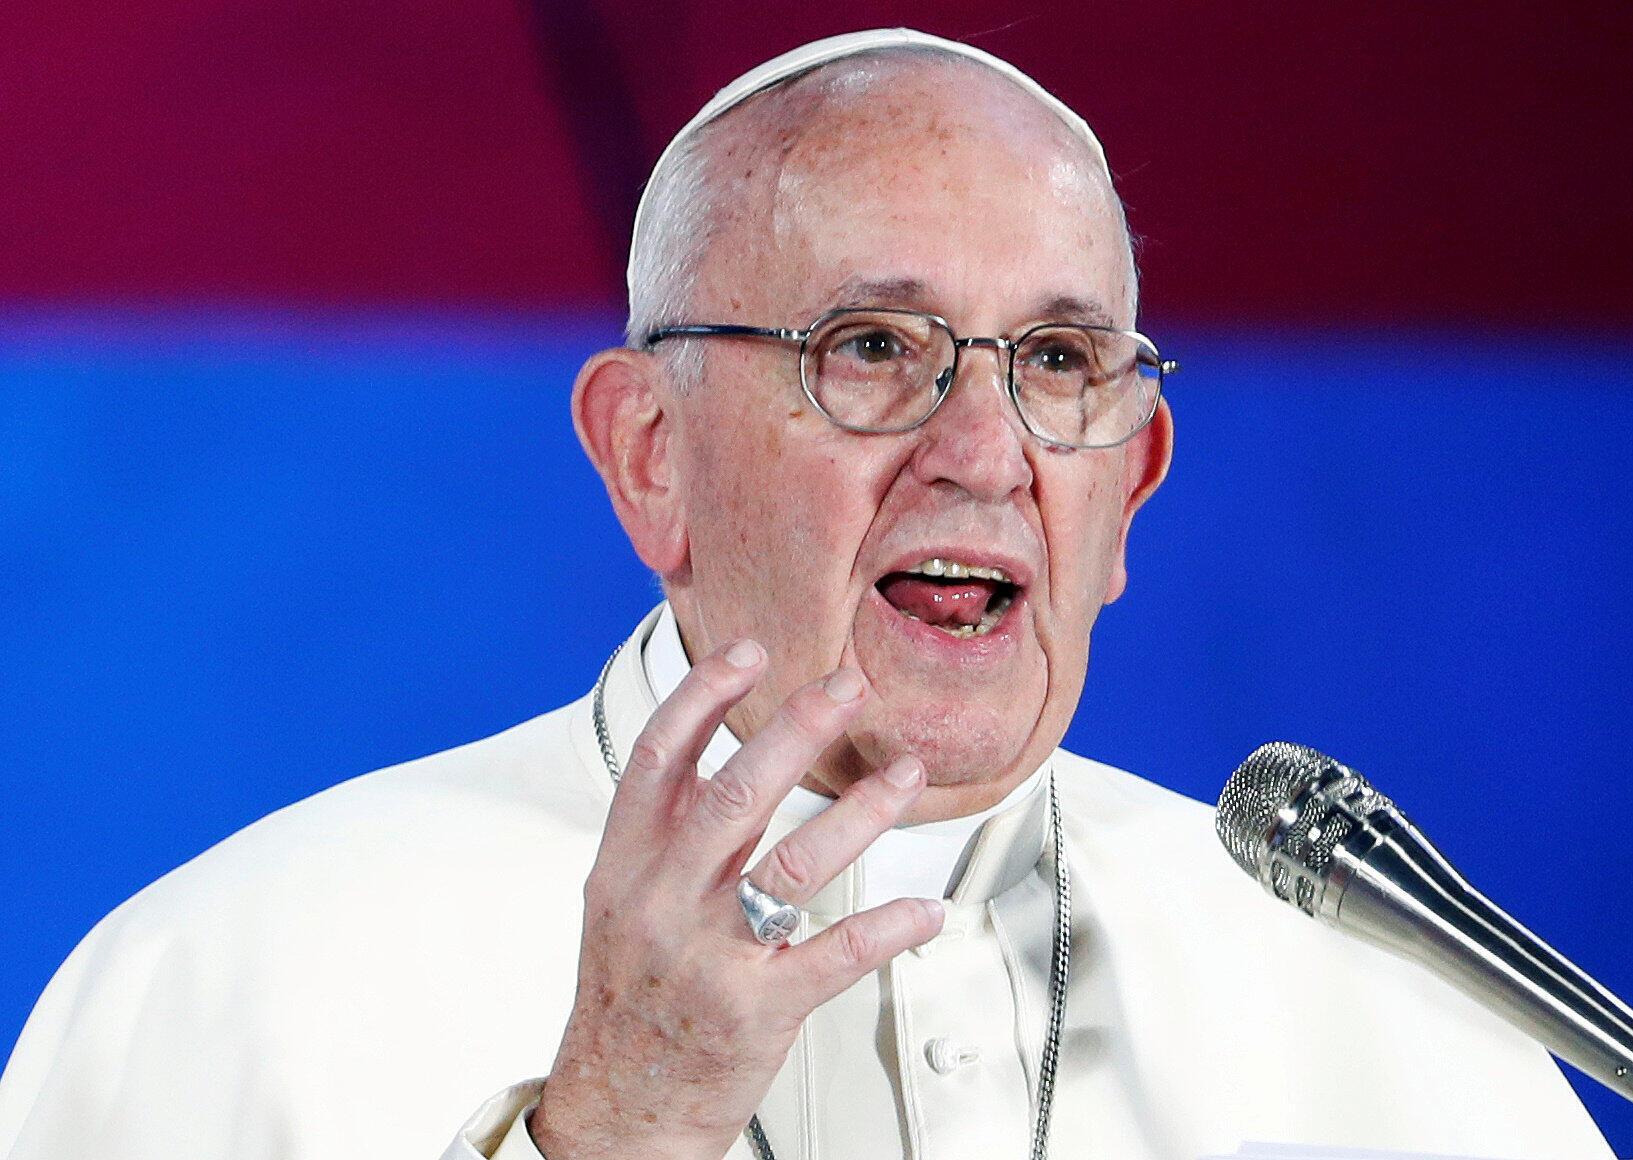 Giáo hoàng Phanxicô phát biểu với thanh niên tại Roma, Ý, ngày 11/08/2018.